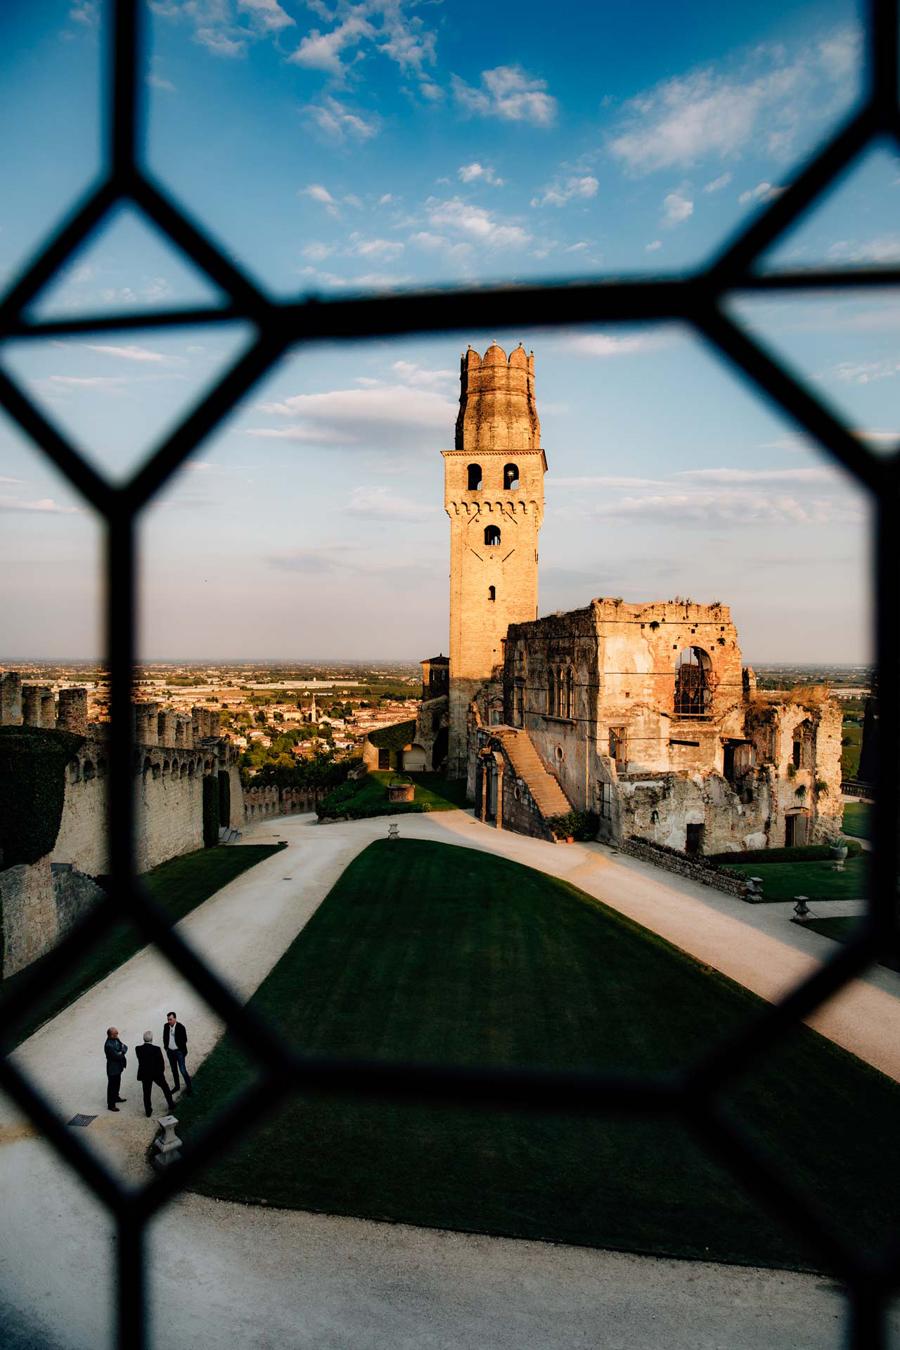 Renato Zanette fotografo per eventi storytelling anniversario Granzotto presso Castello di San Salvatore Susegana